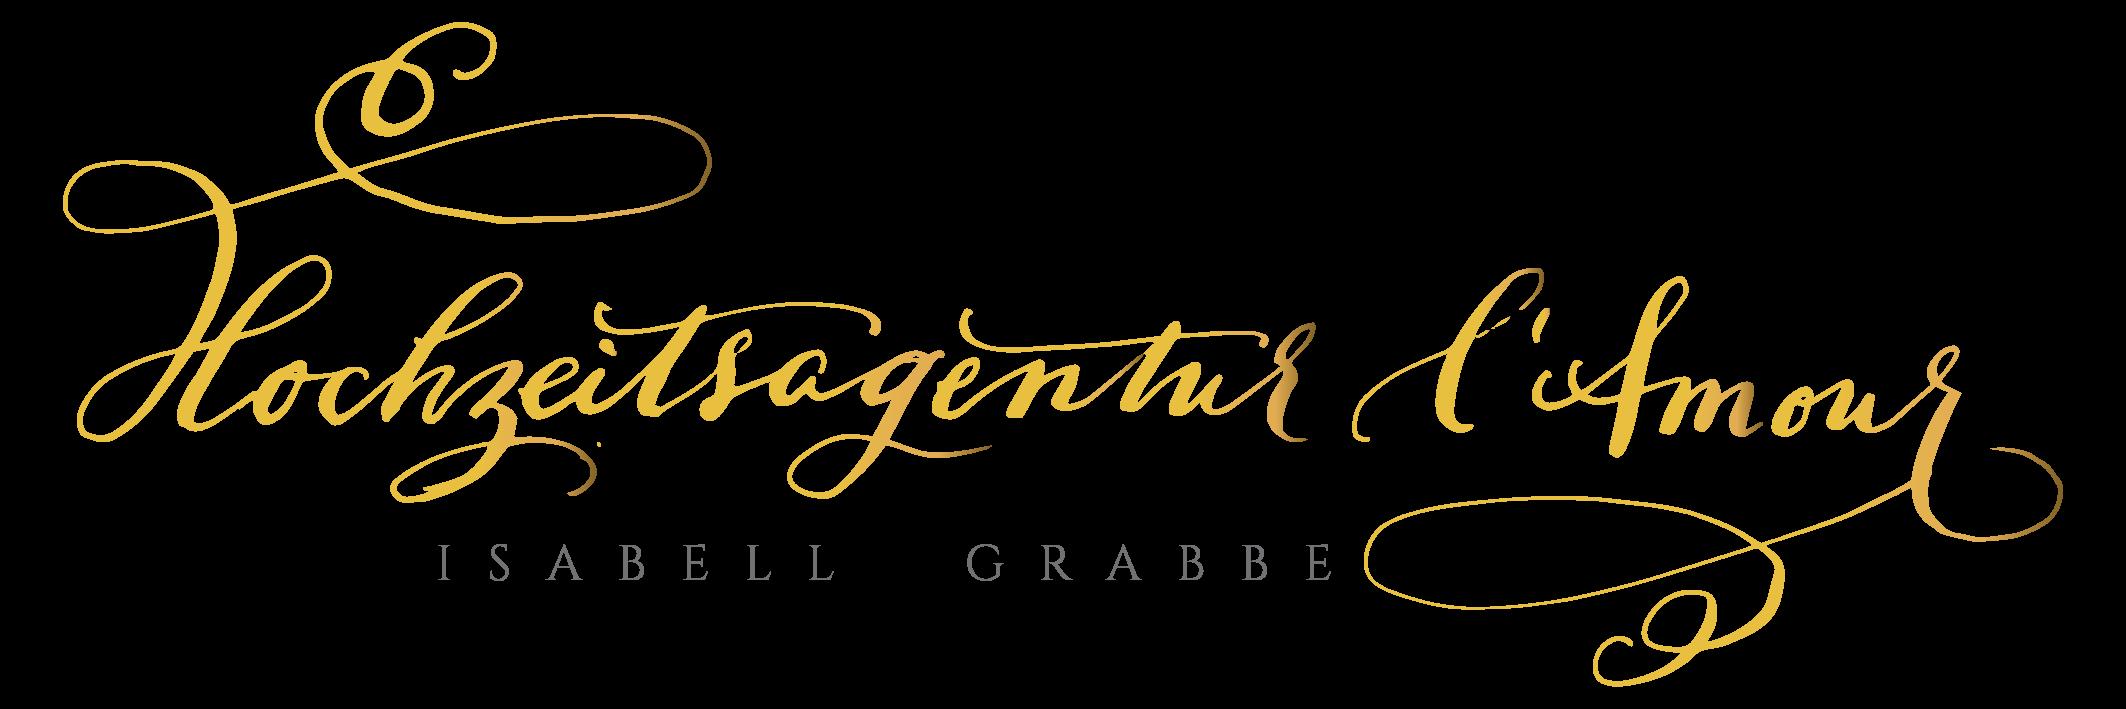 Hochzeit an der Nordsee & Portugal Logo Hochzeitsagentur Lamour